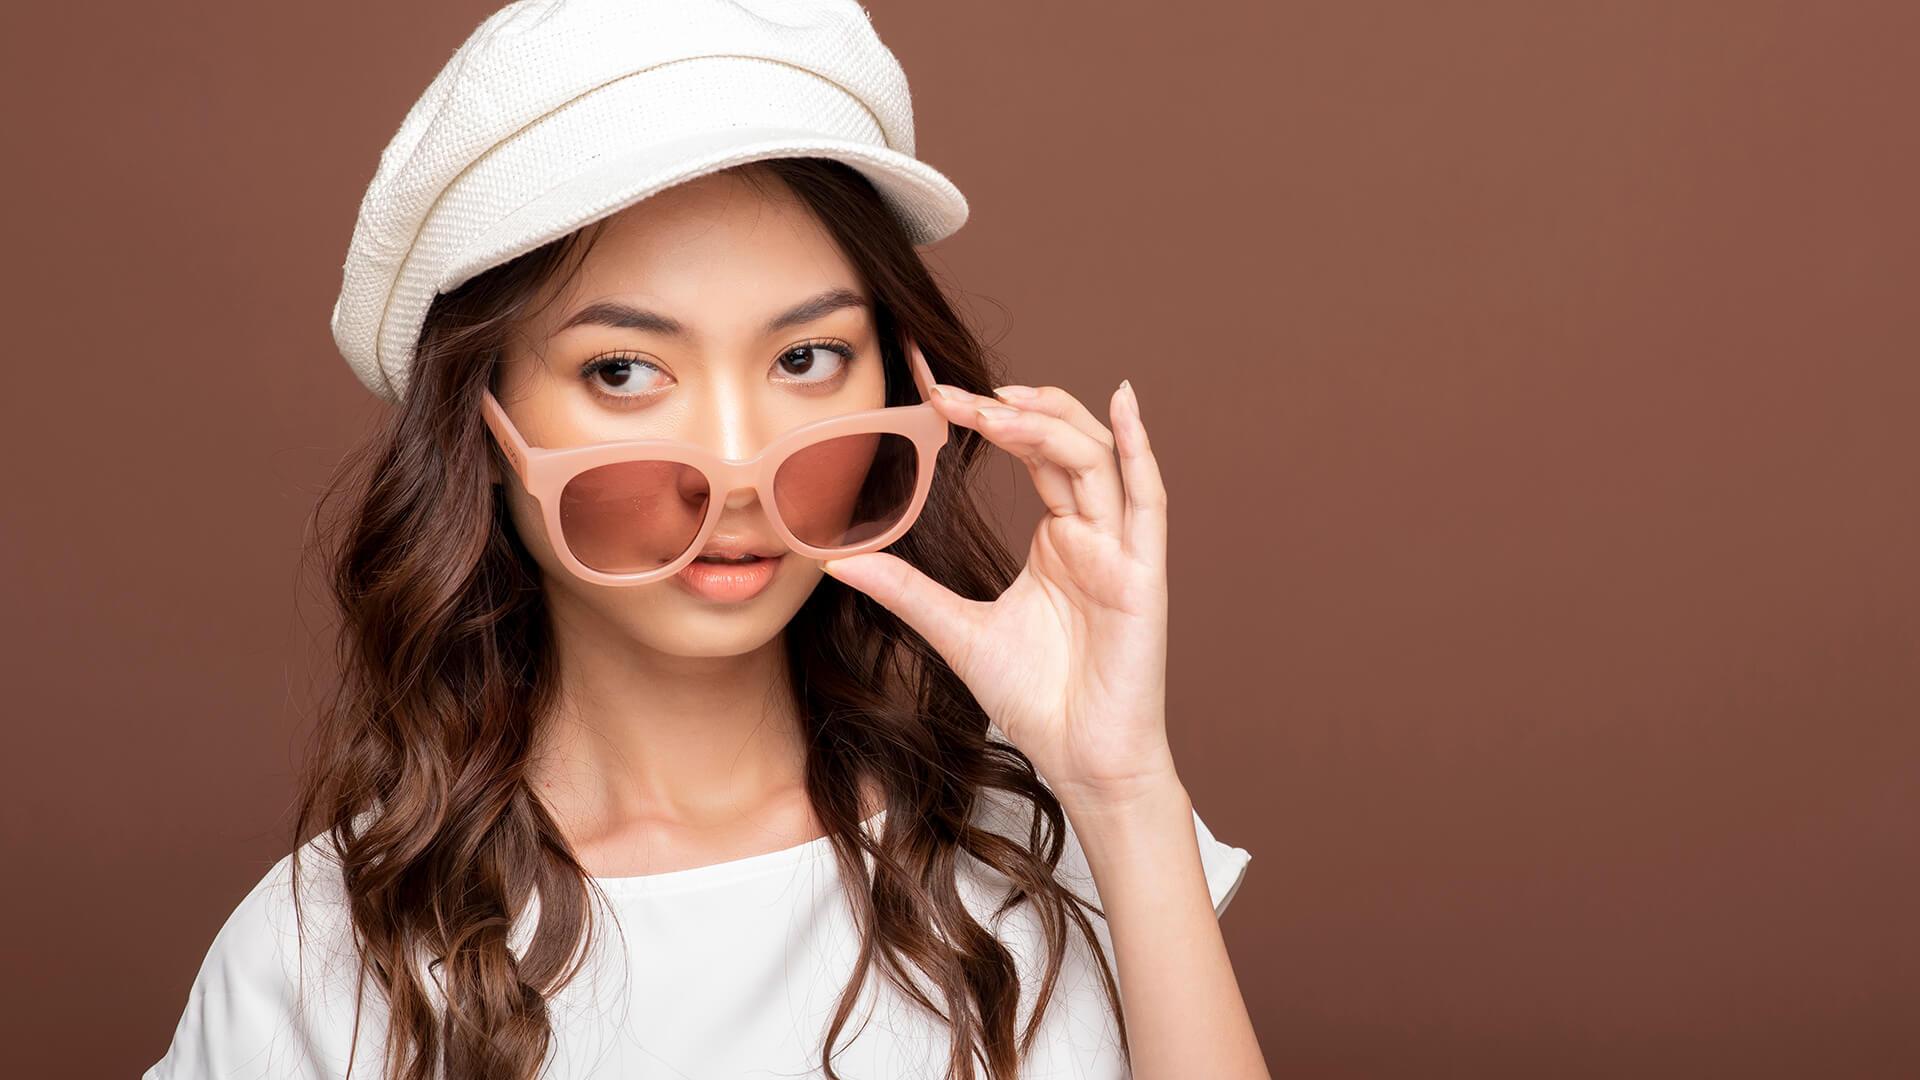 デジタルマーケティング/インフルエンサーが手掛けるファッションブランドのカバー写真